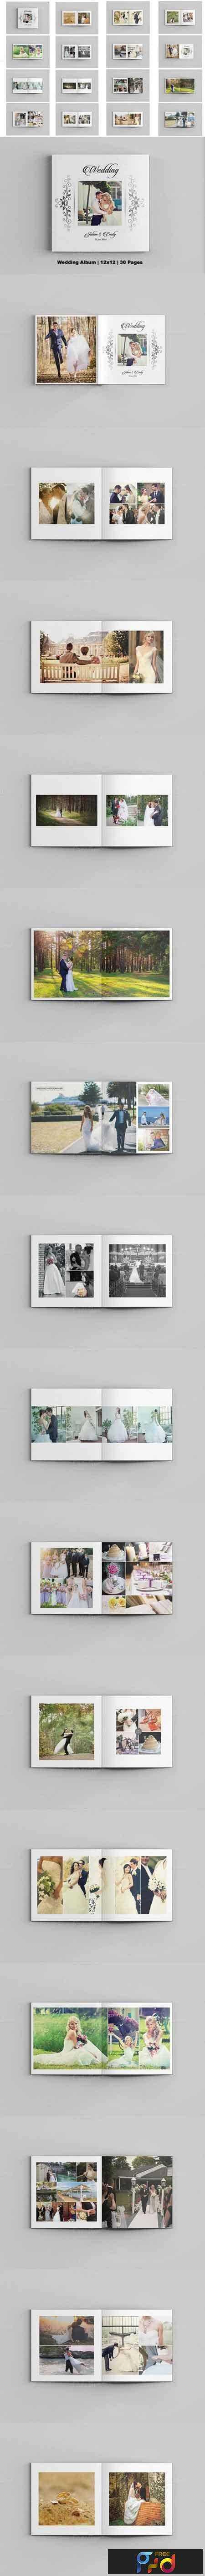 freepsdvn-com_1463331403_wedding-photo-album-template-v485-658982